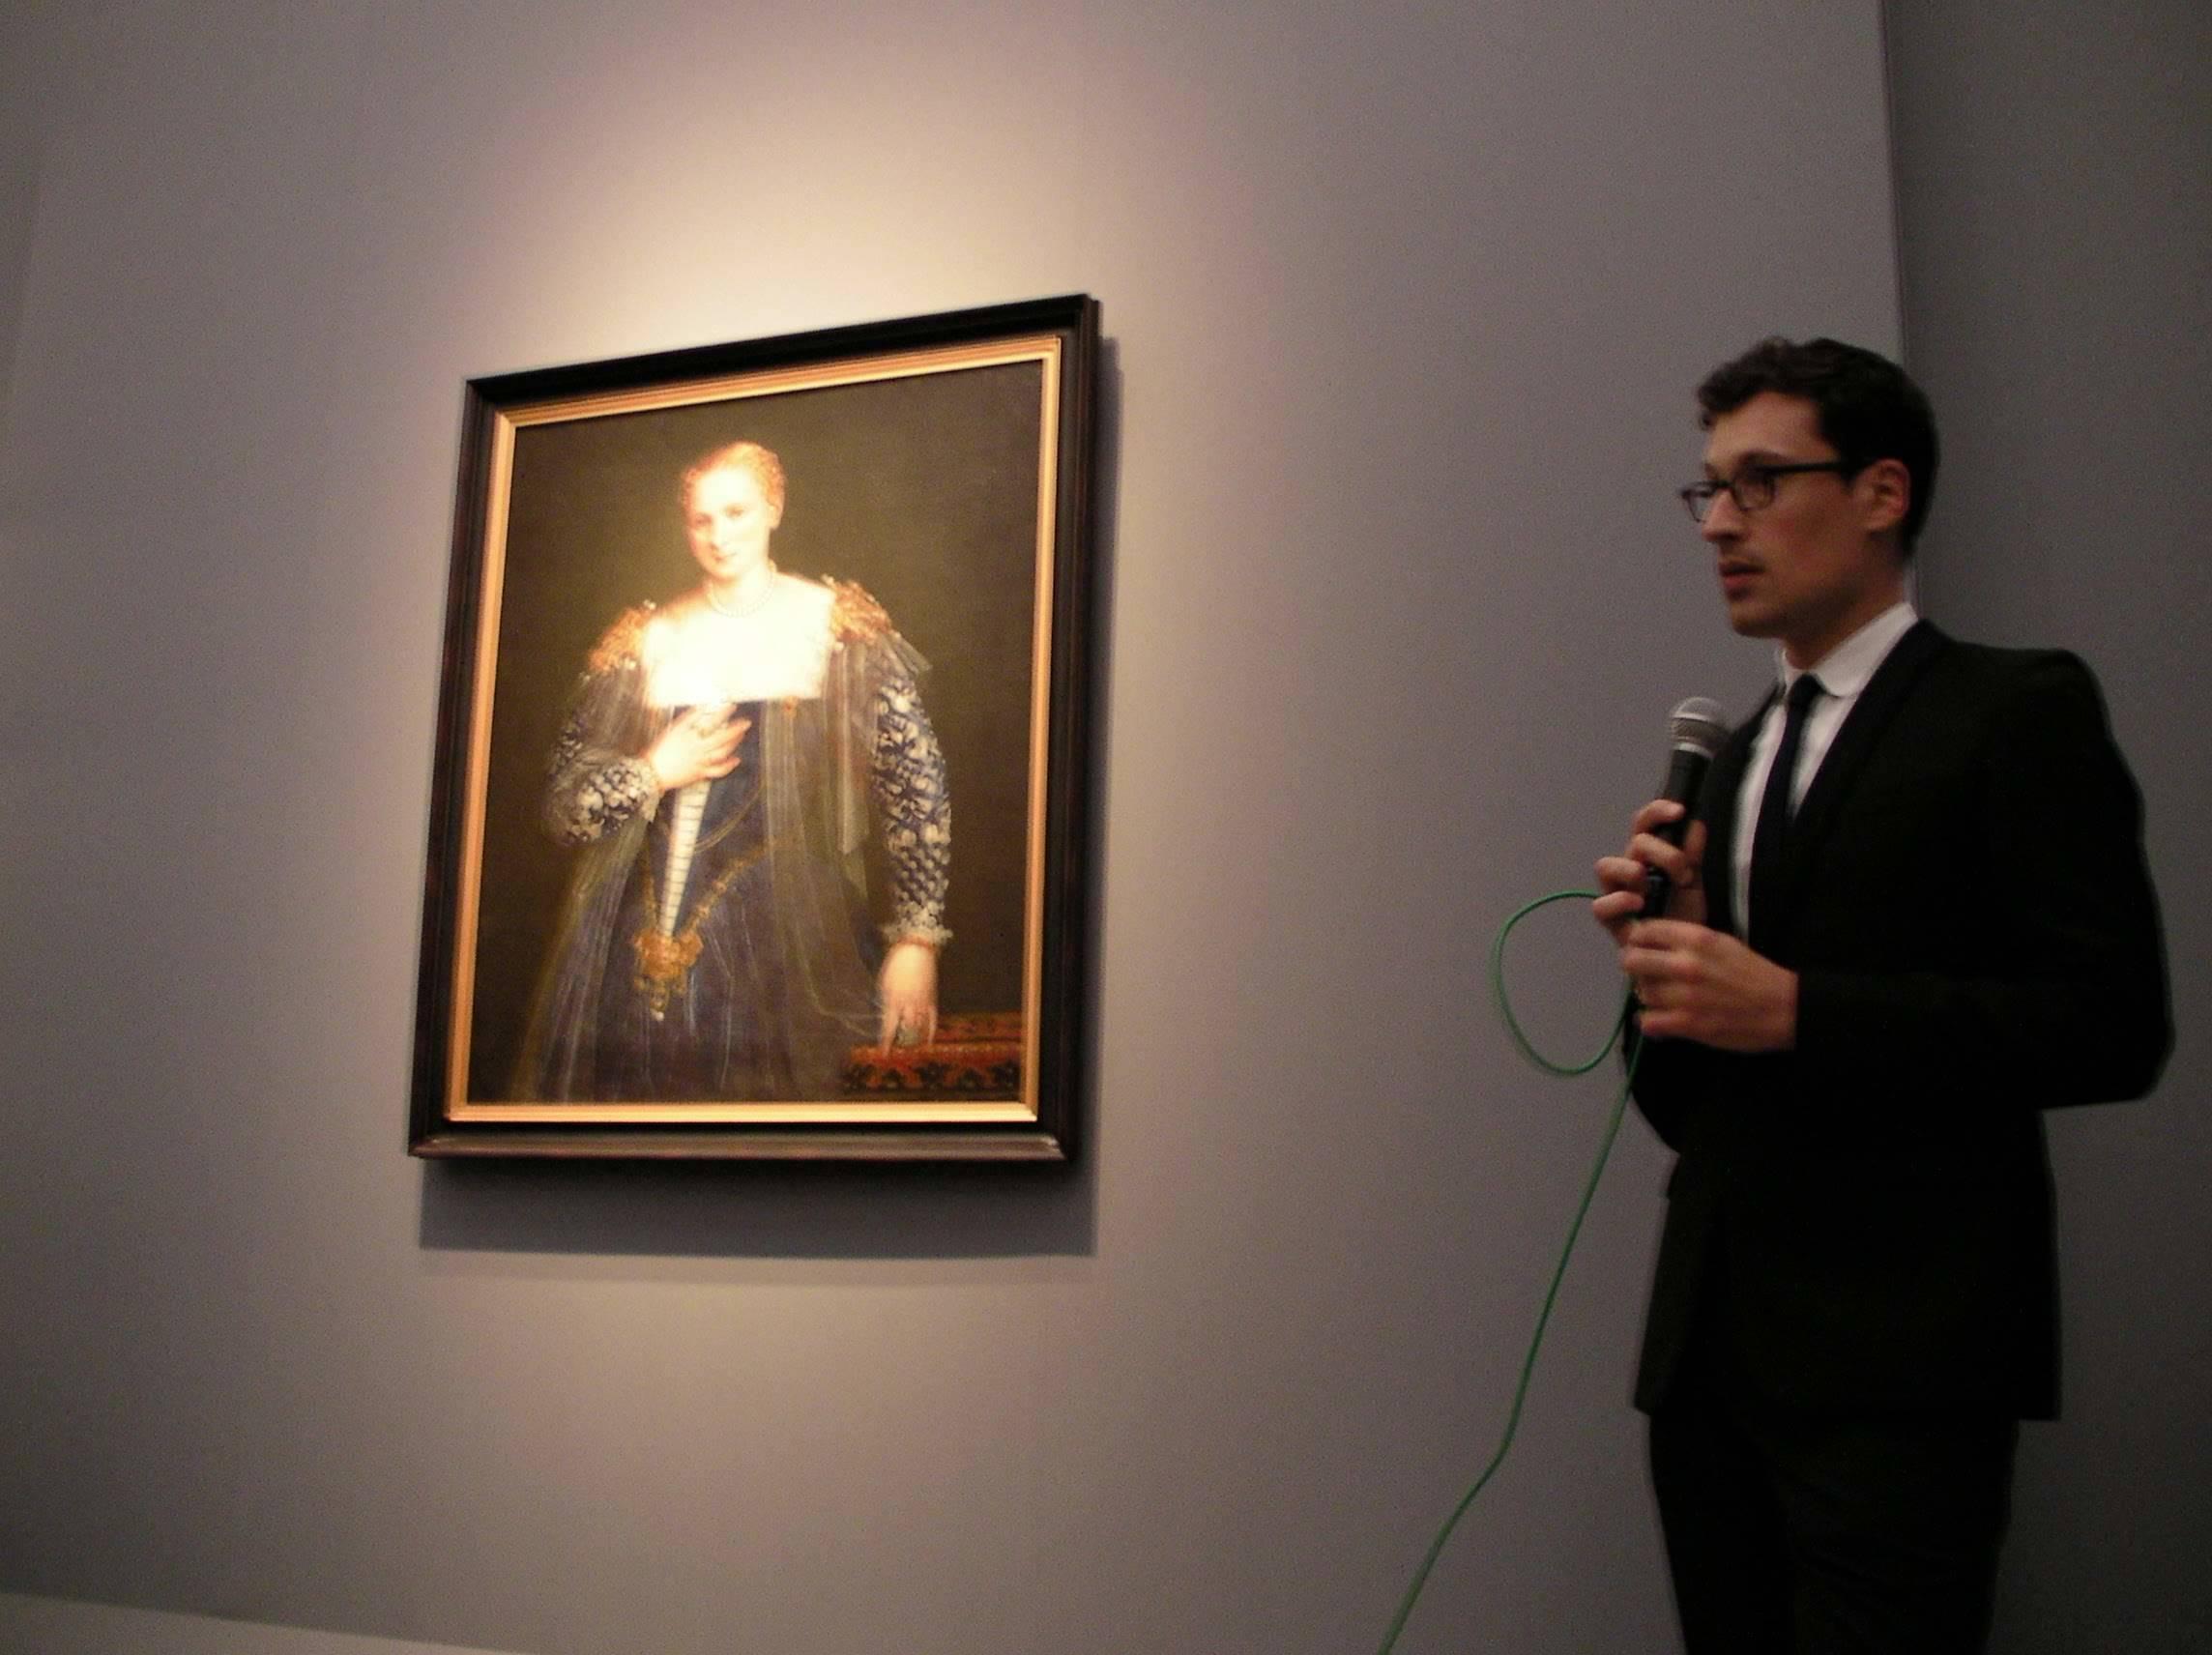 《美しきナーニ》について解説するコーム・ファーブル(ルーヴル美術館絵画部門学芸員)